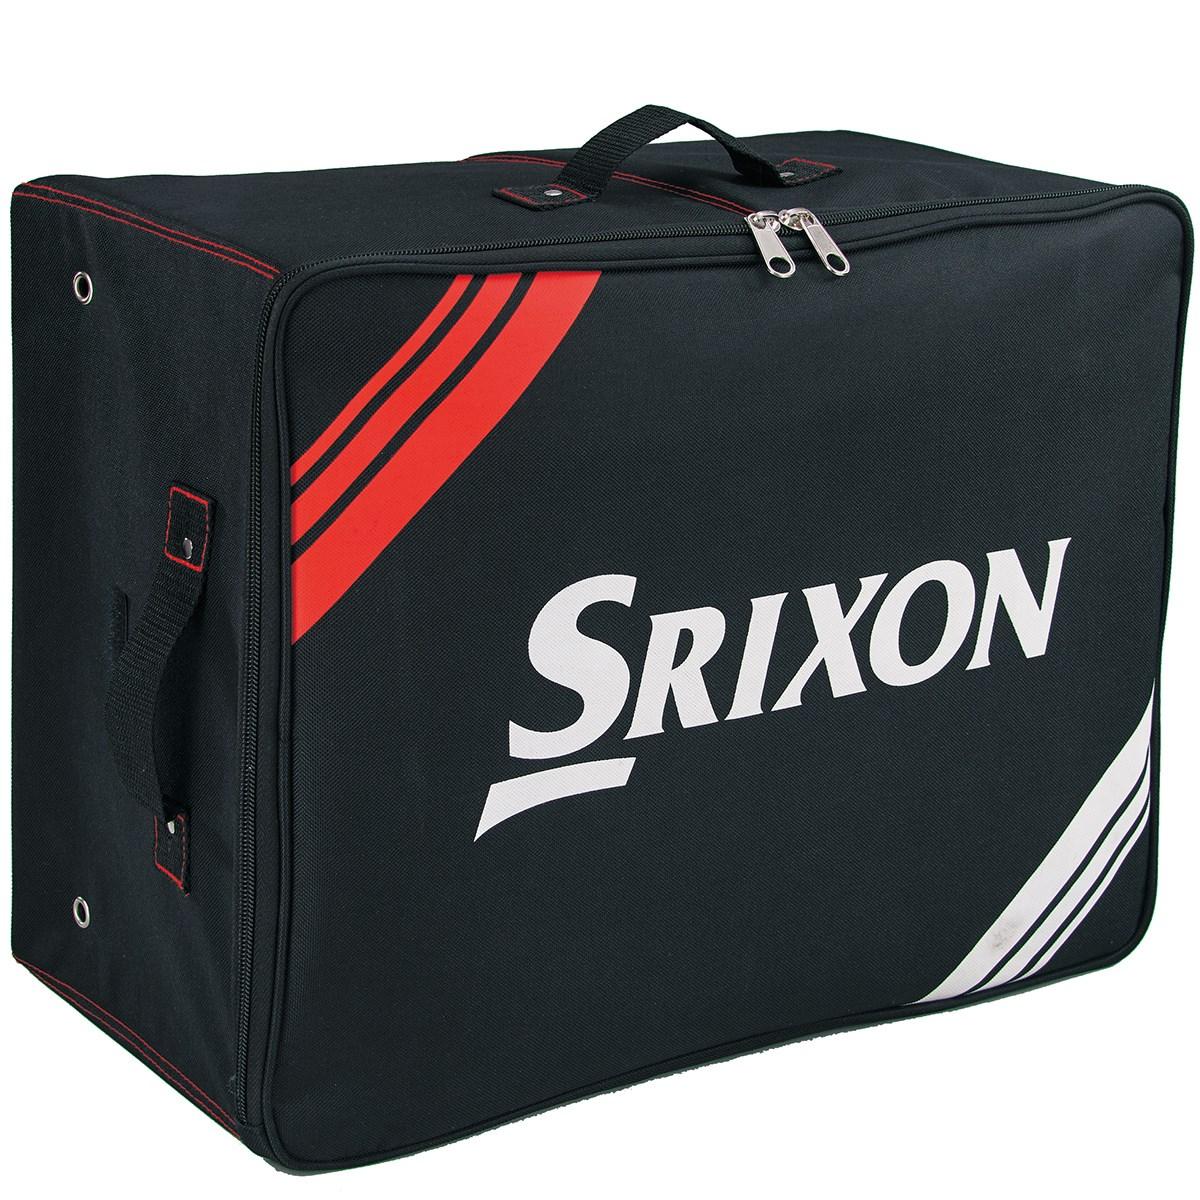 ダンロップ SRIXON トランクロッカー ブラック